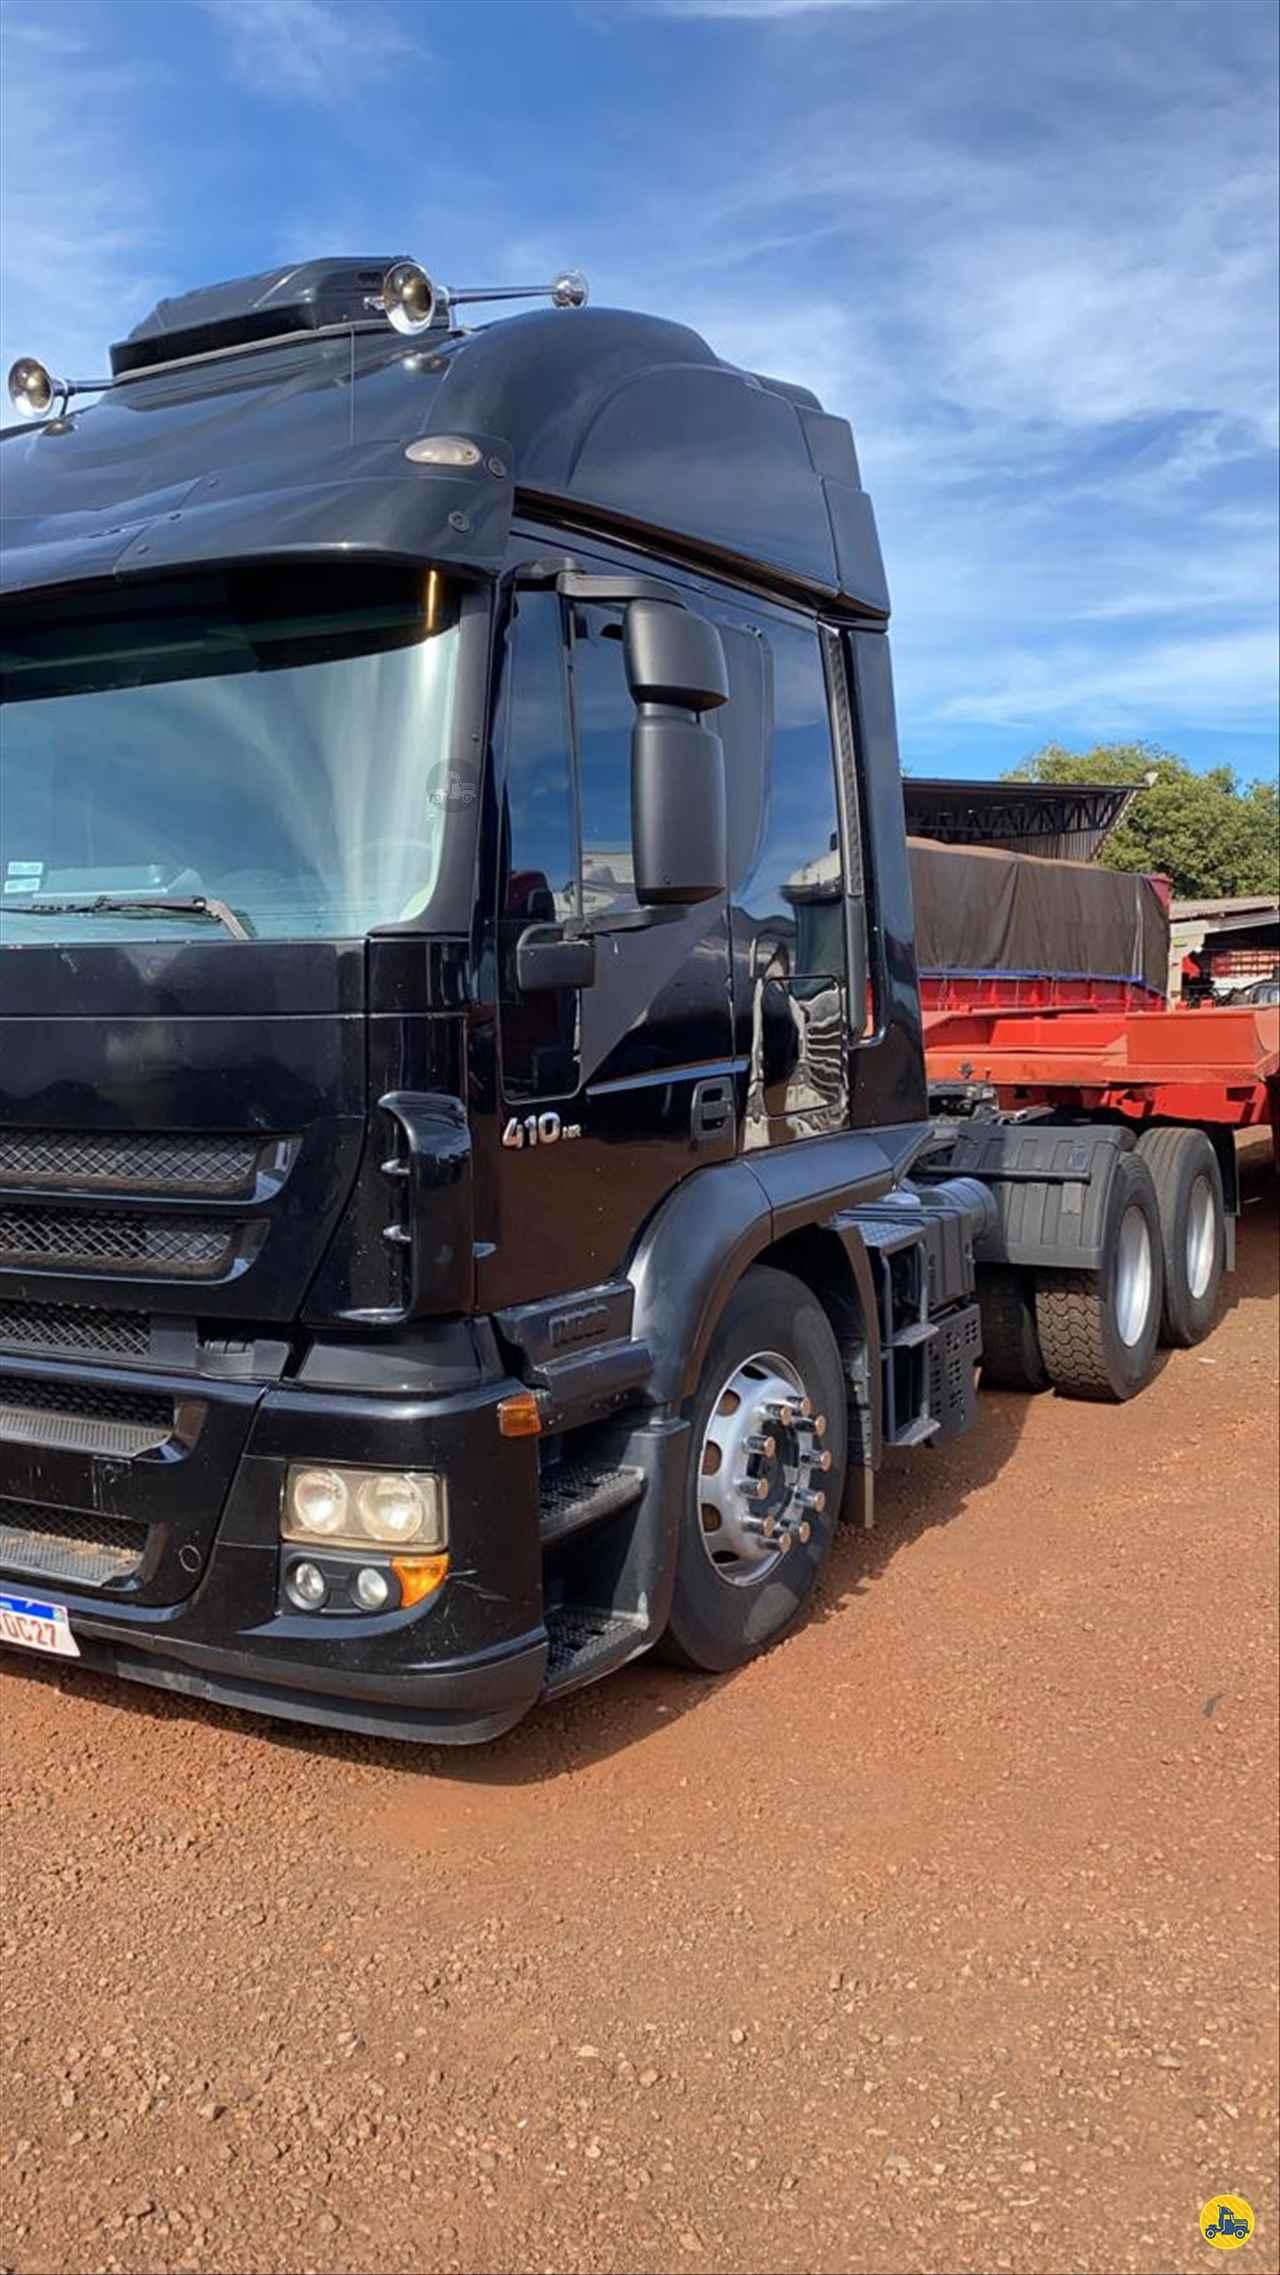 CAMINHAO IVECO STRALIS 410 Cavalo Mecânico Truck 6x2 Maracavel Londrina Caminhões LONDRINA PARANÁ PR